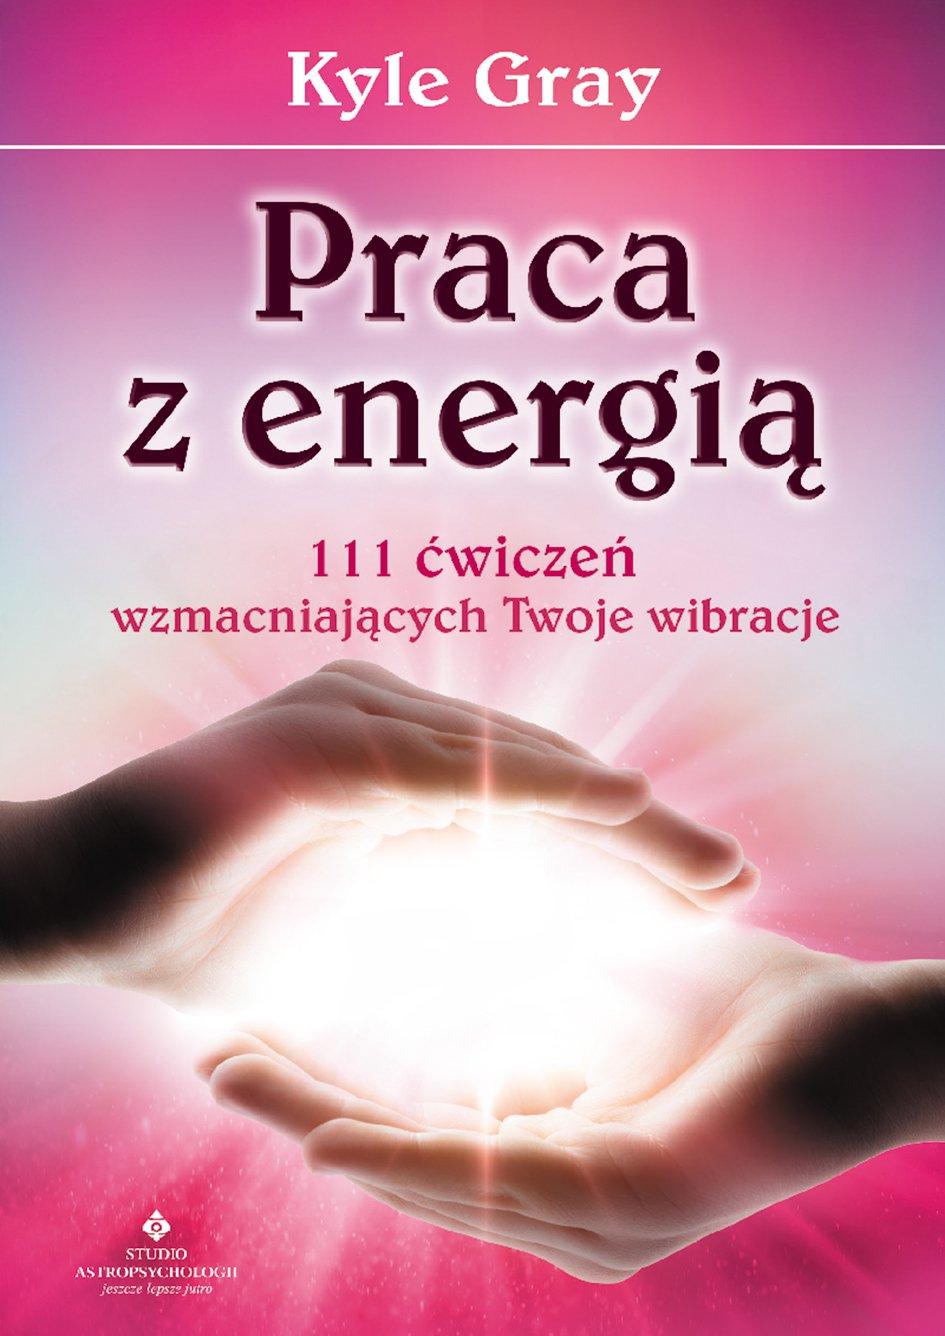 Praca z energią. 111 ćwiczeń wzmacniających Twoje wibracje - Ebook (Książka PDF) do pobrania w formacie PDF